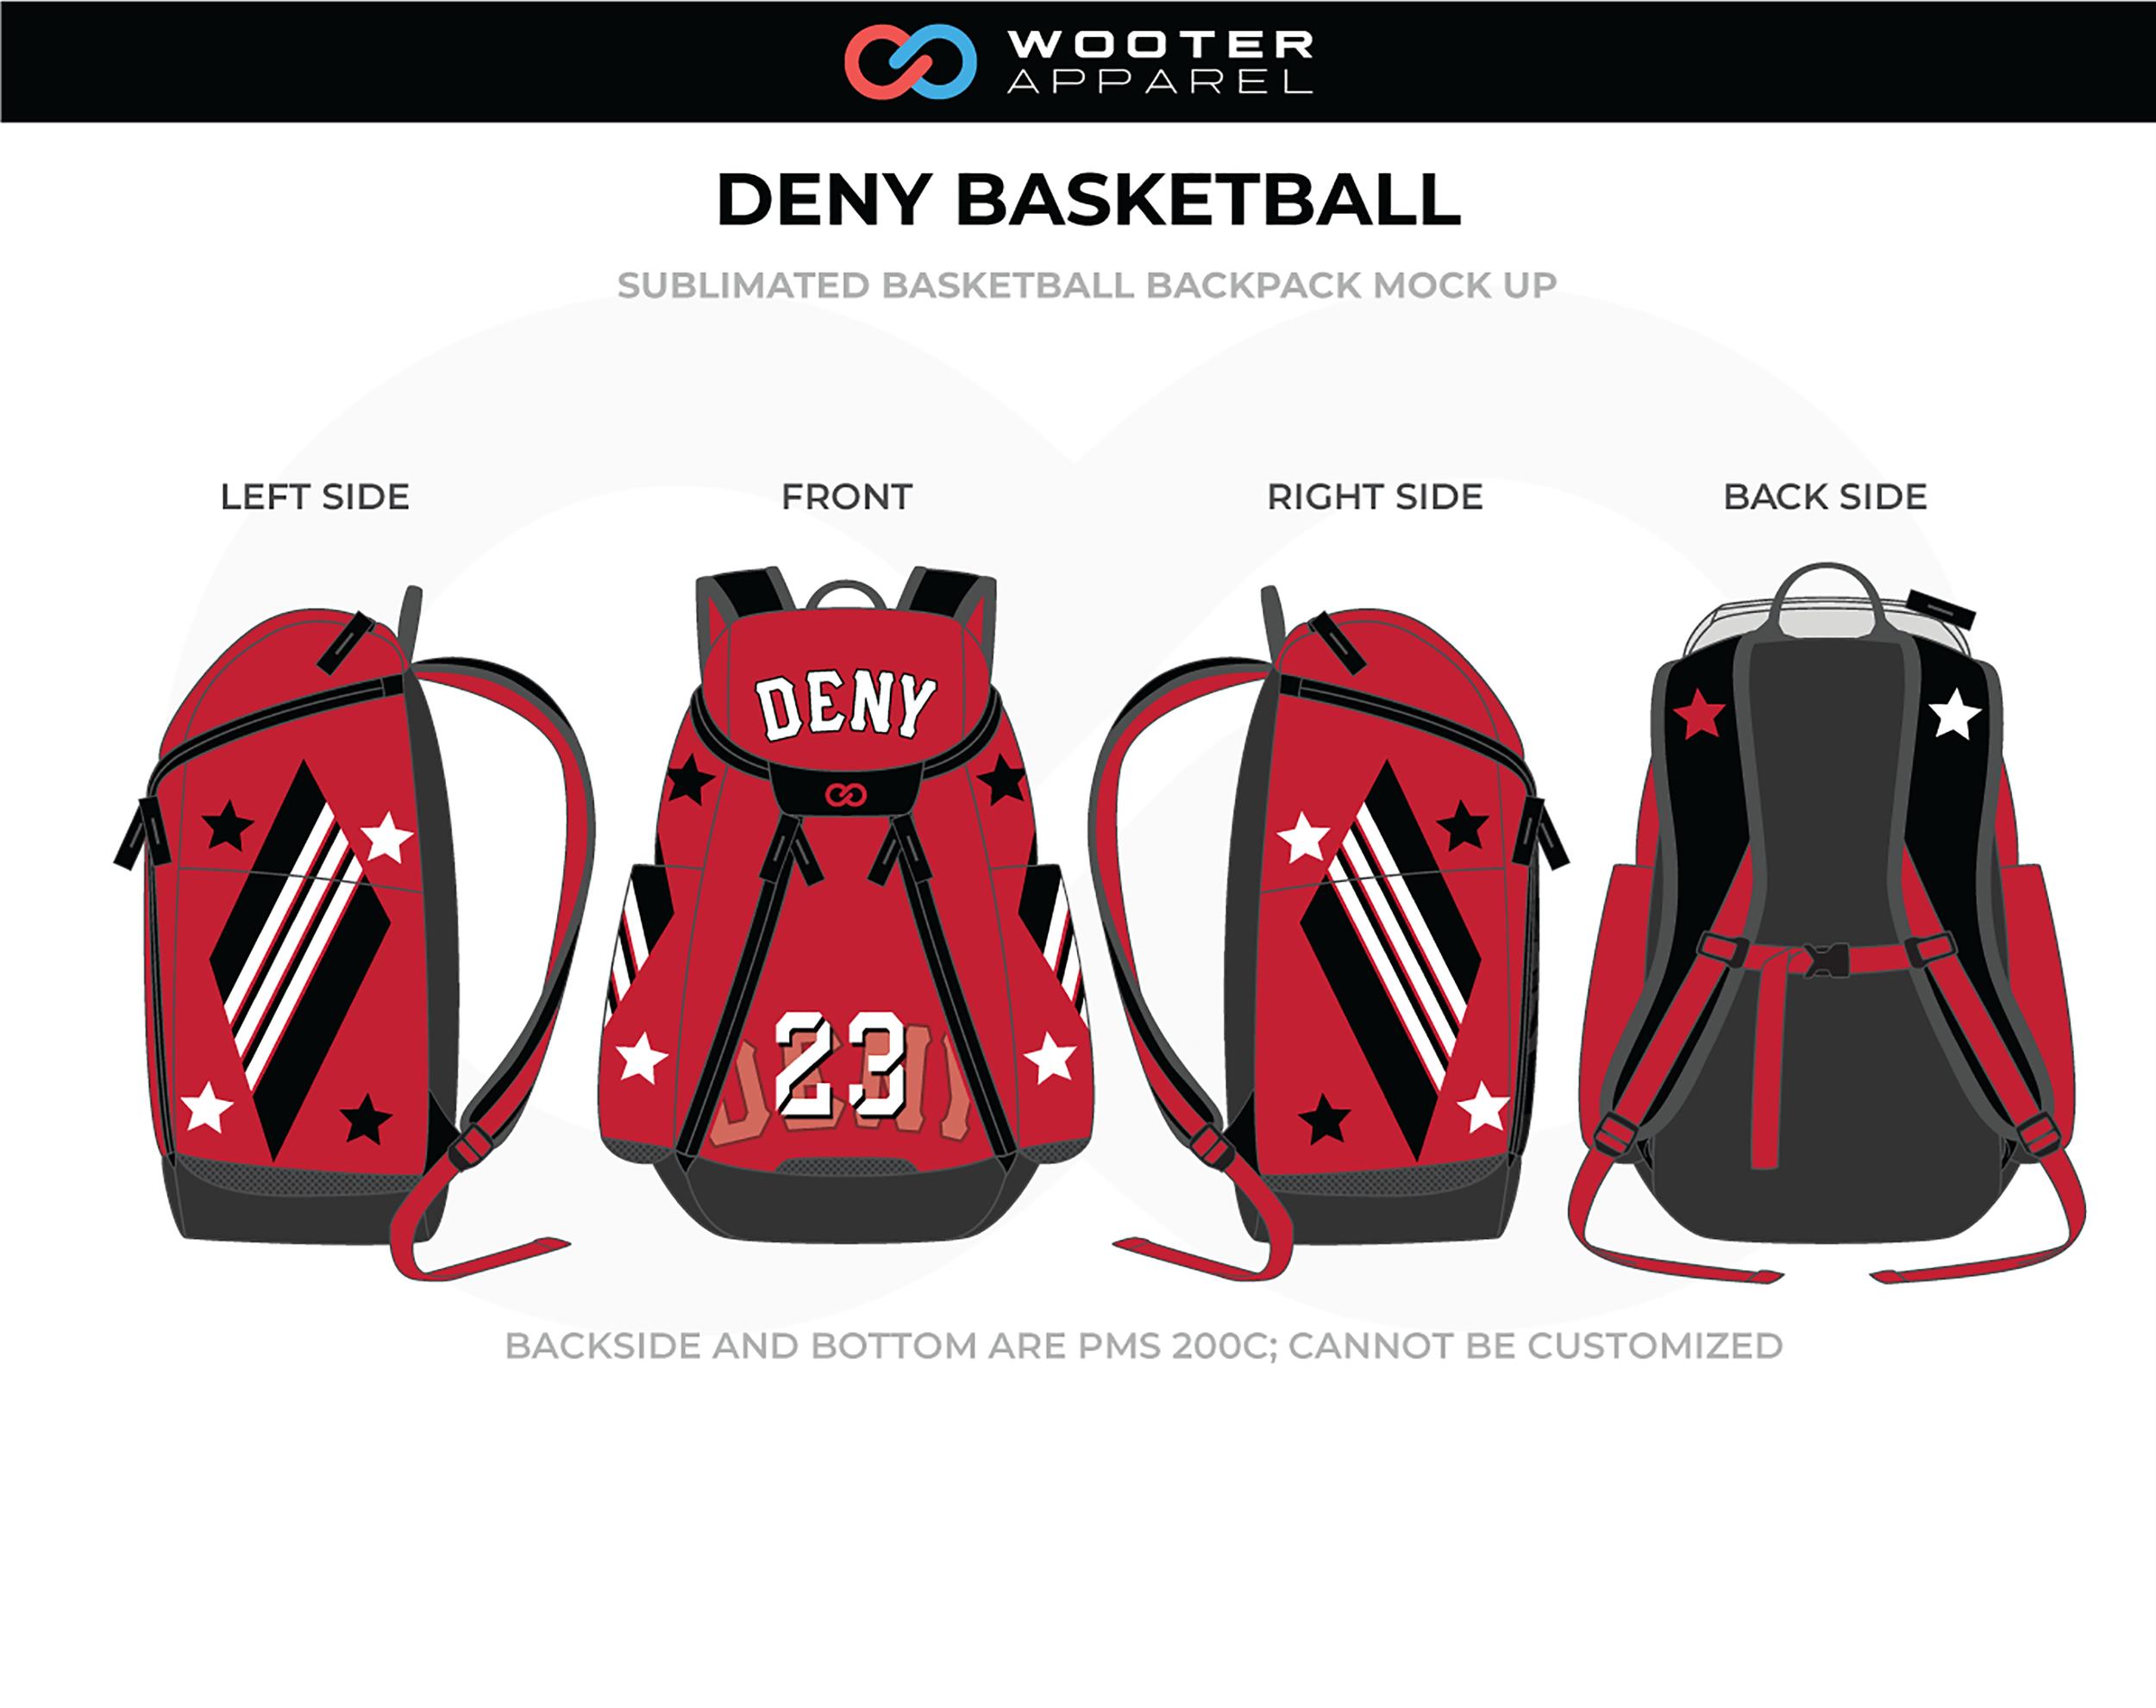 DENY Red Black White Basketball Backpack